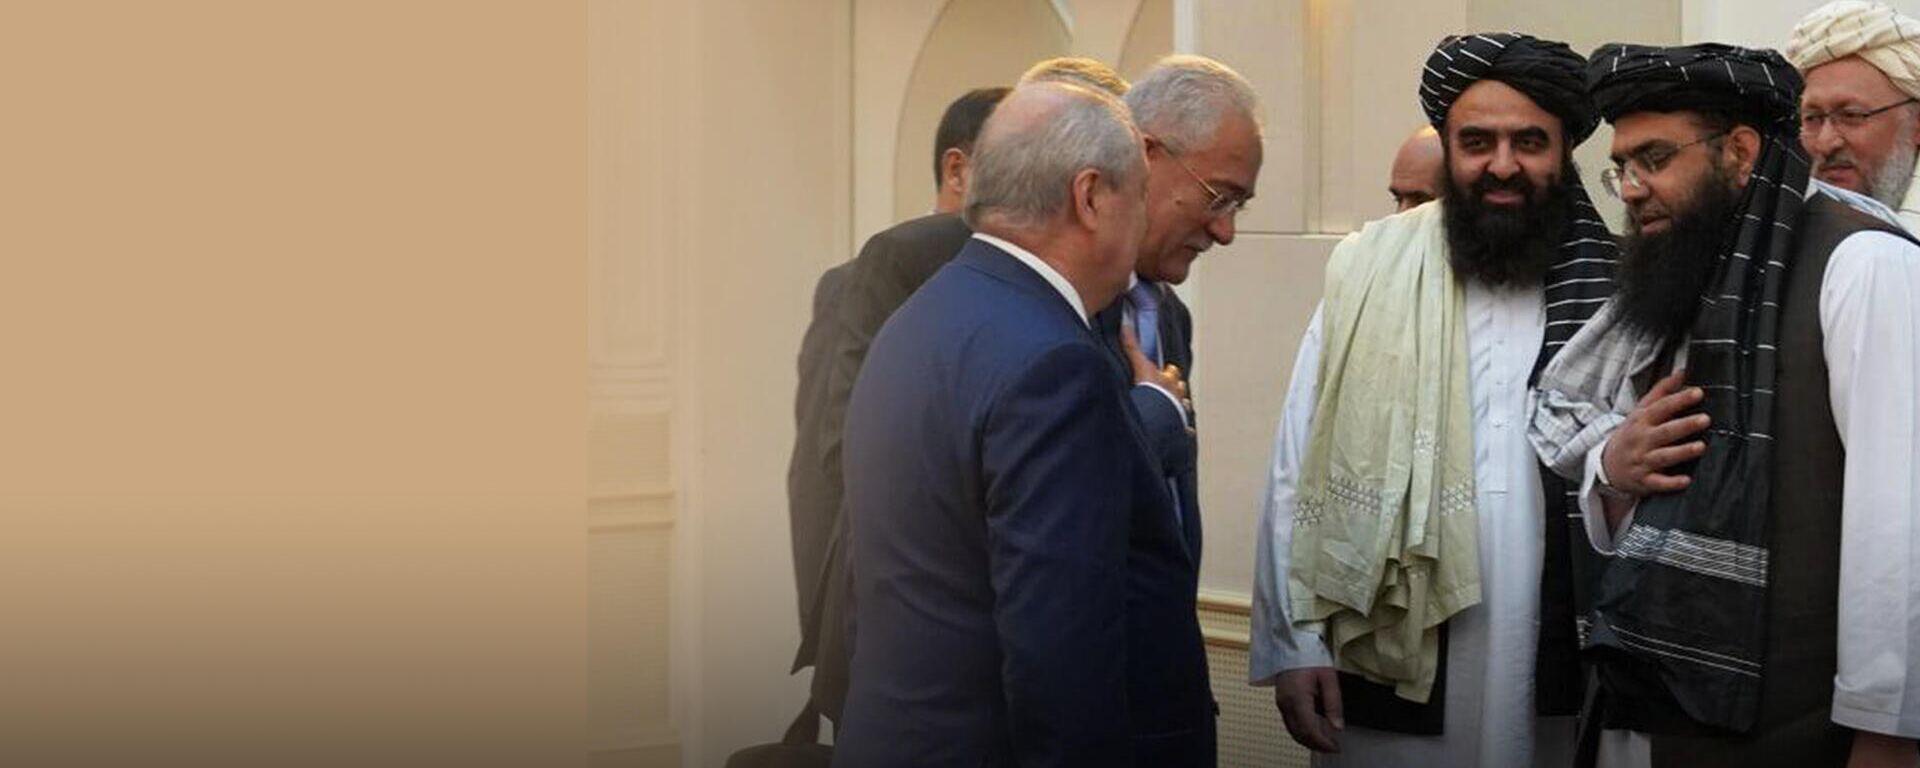 Клинцевич о перспективах переговоров Ташкента и Кабула - Sputnik Узбекистан, 1920, 12.10.2021